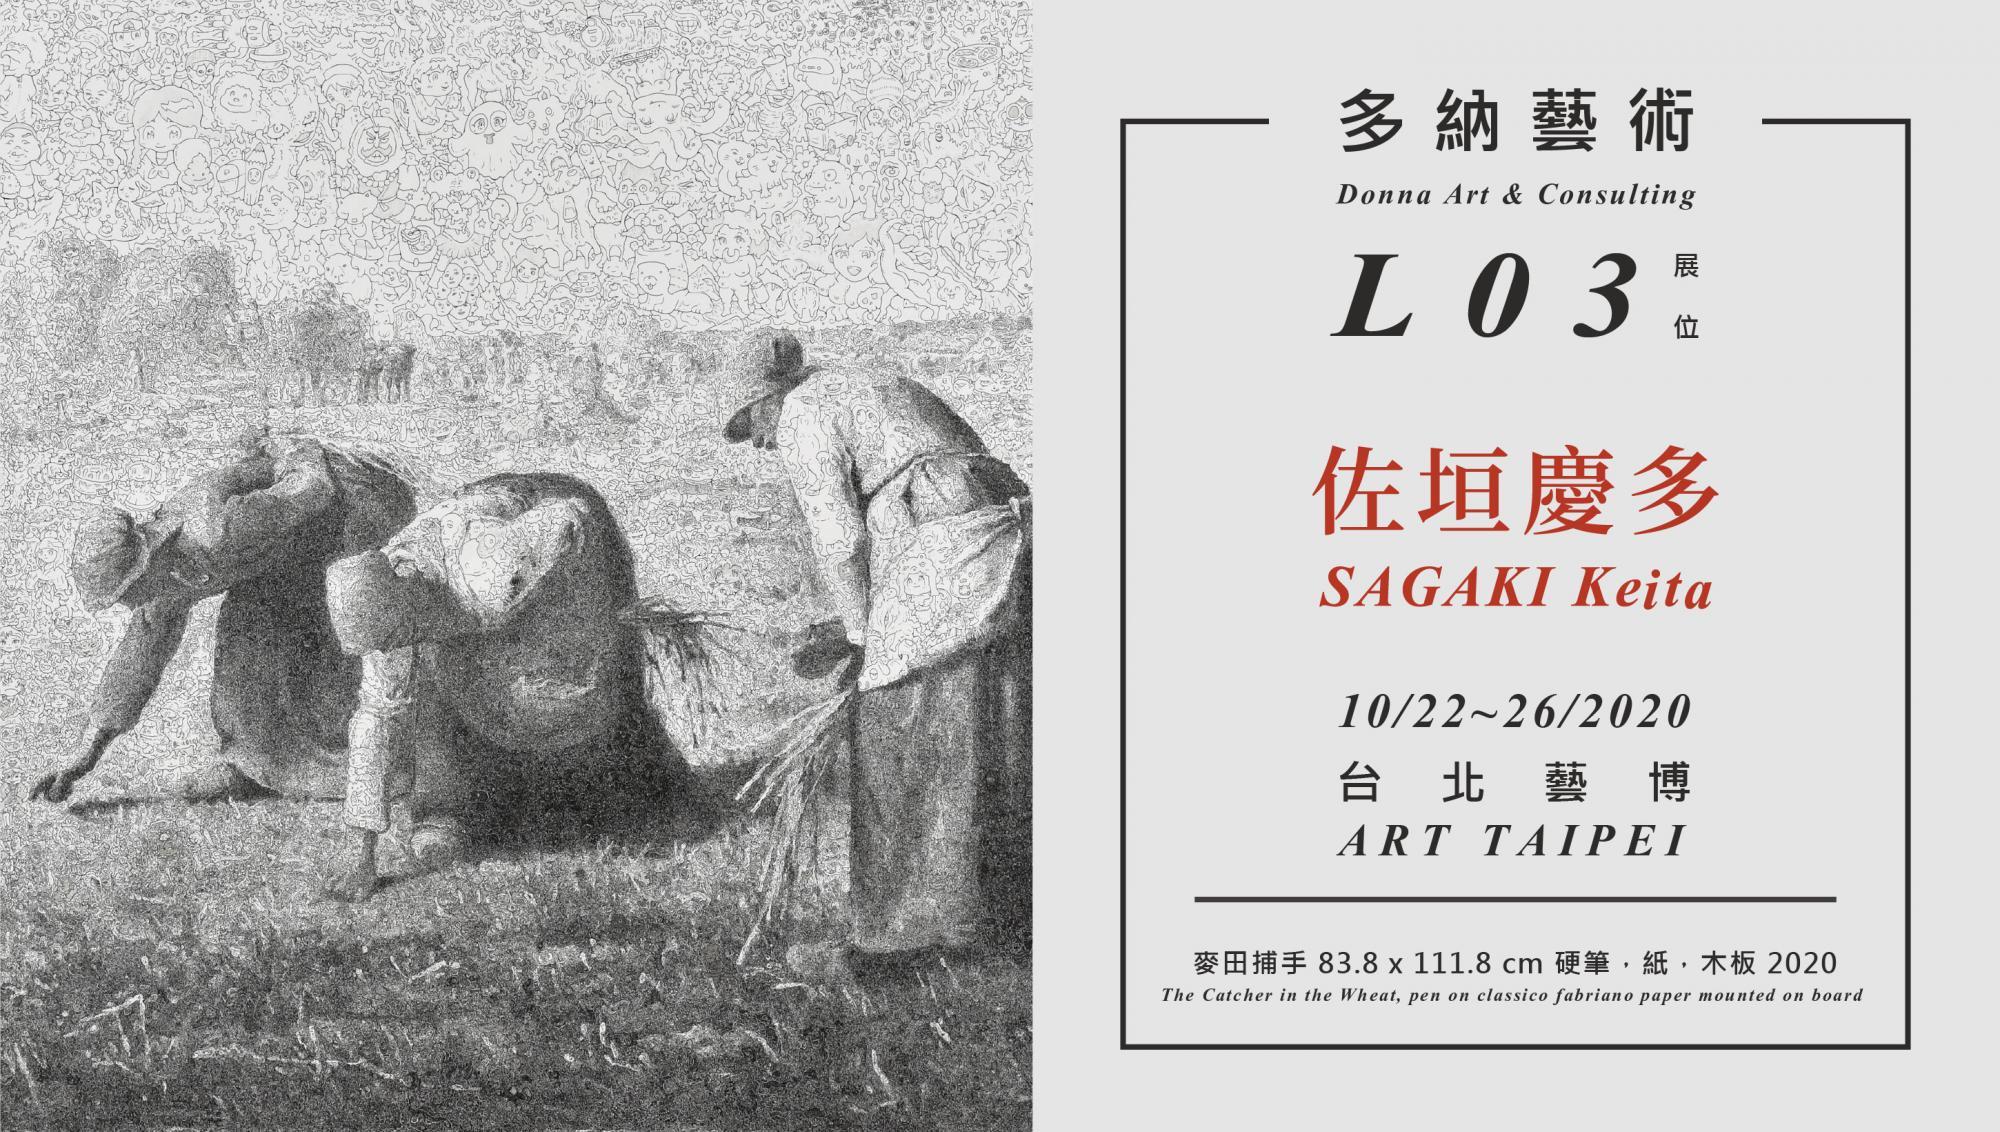 Art Taipei  SAGAKI Keita 2.jpg